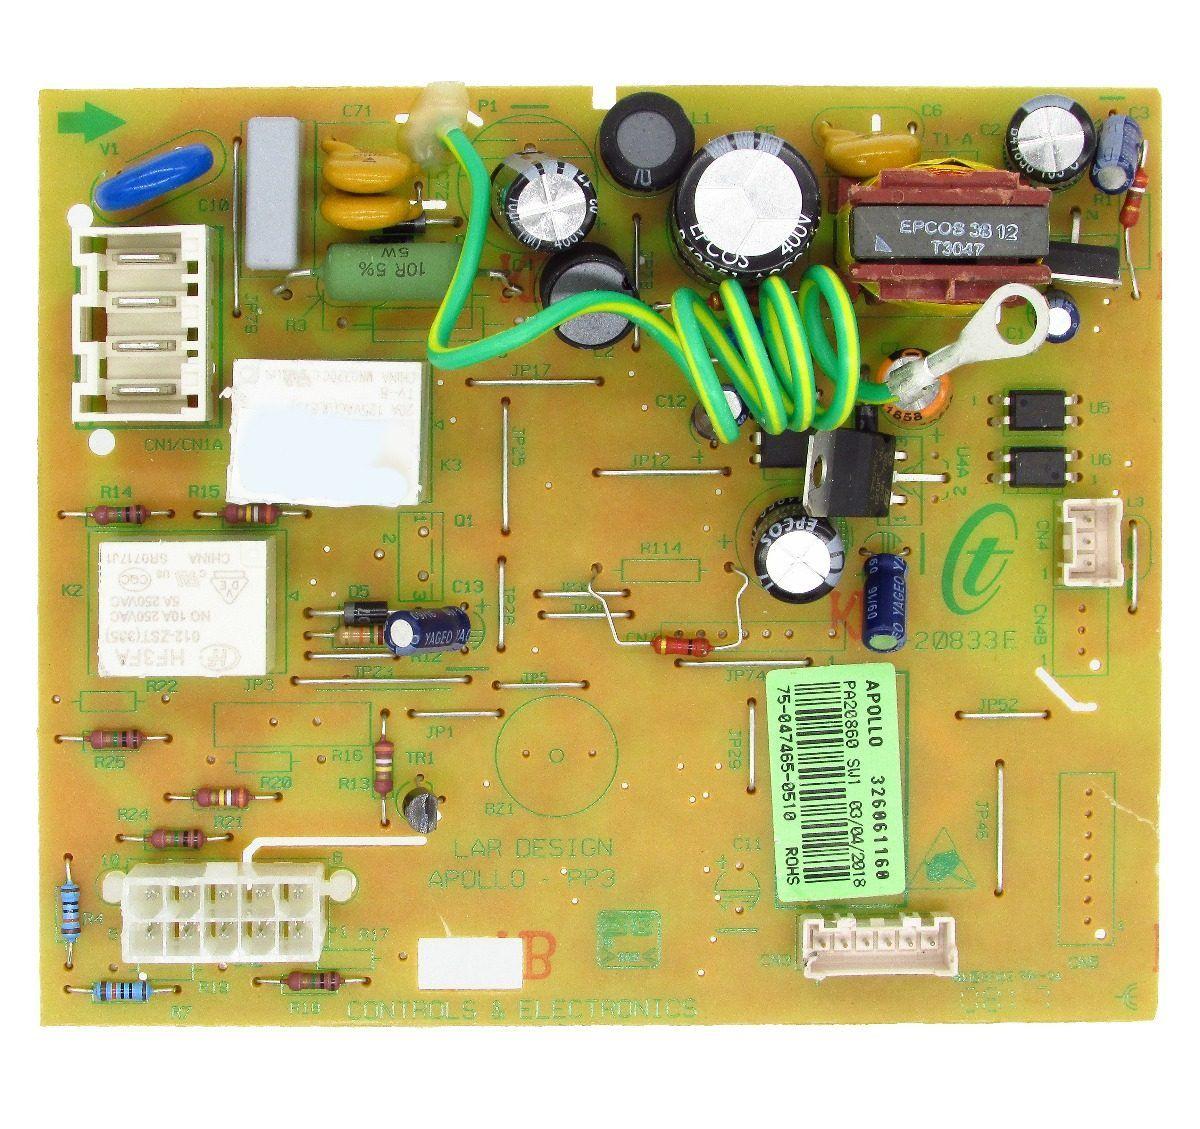 Placa Eletrônica Módulo Potência Brastemp Brm47 326061171